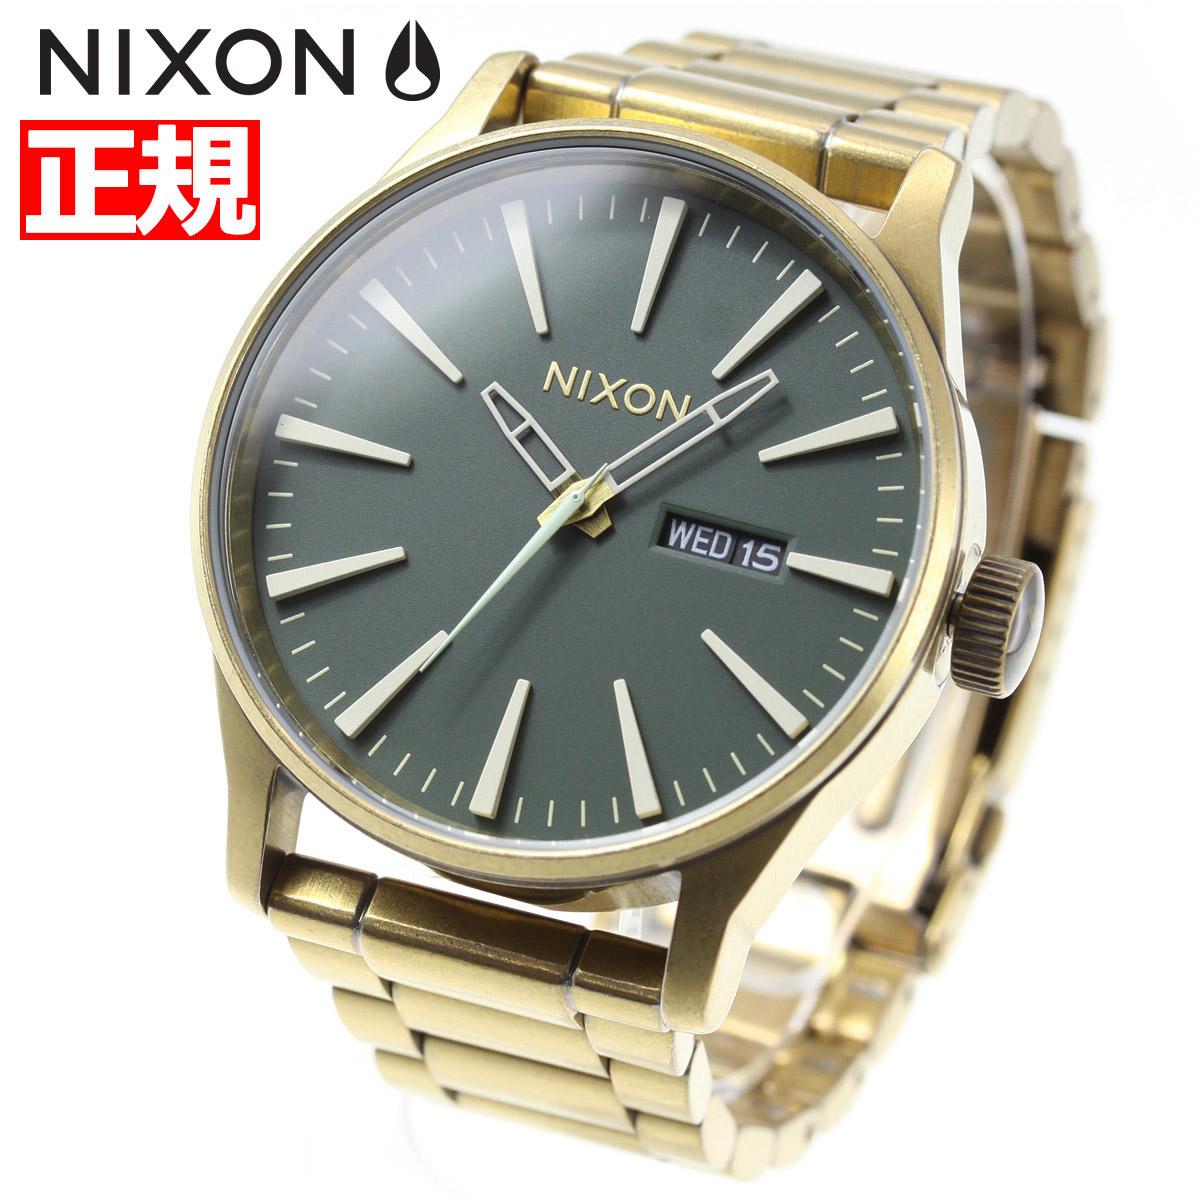 ニクソン NIXON セントリーSS SENTRY SS 腕時計 メンズ PALM GREEN/BRASS NA3562851-00【2018 新作】